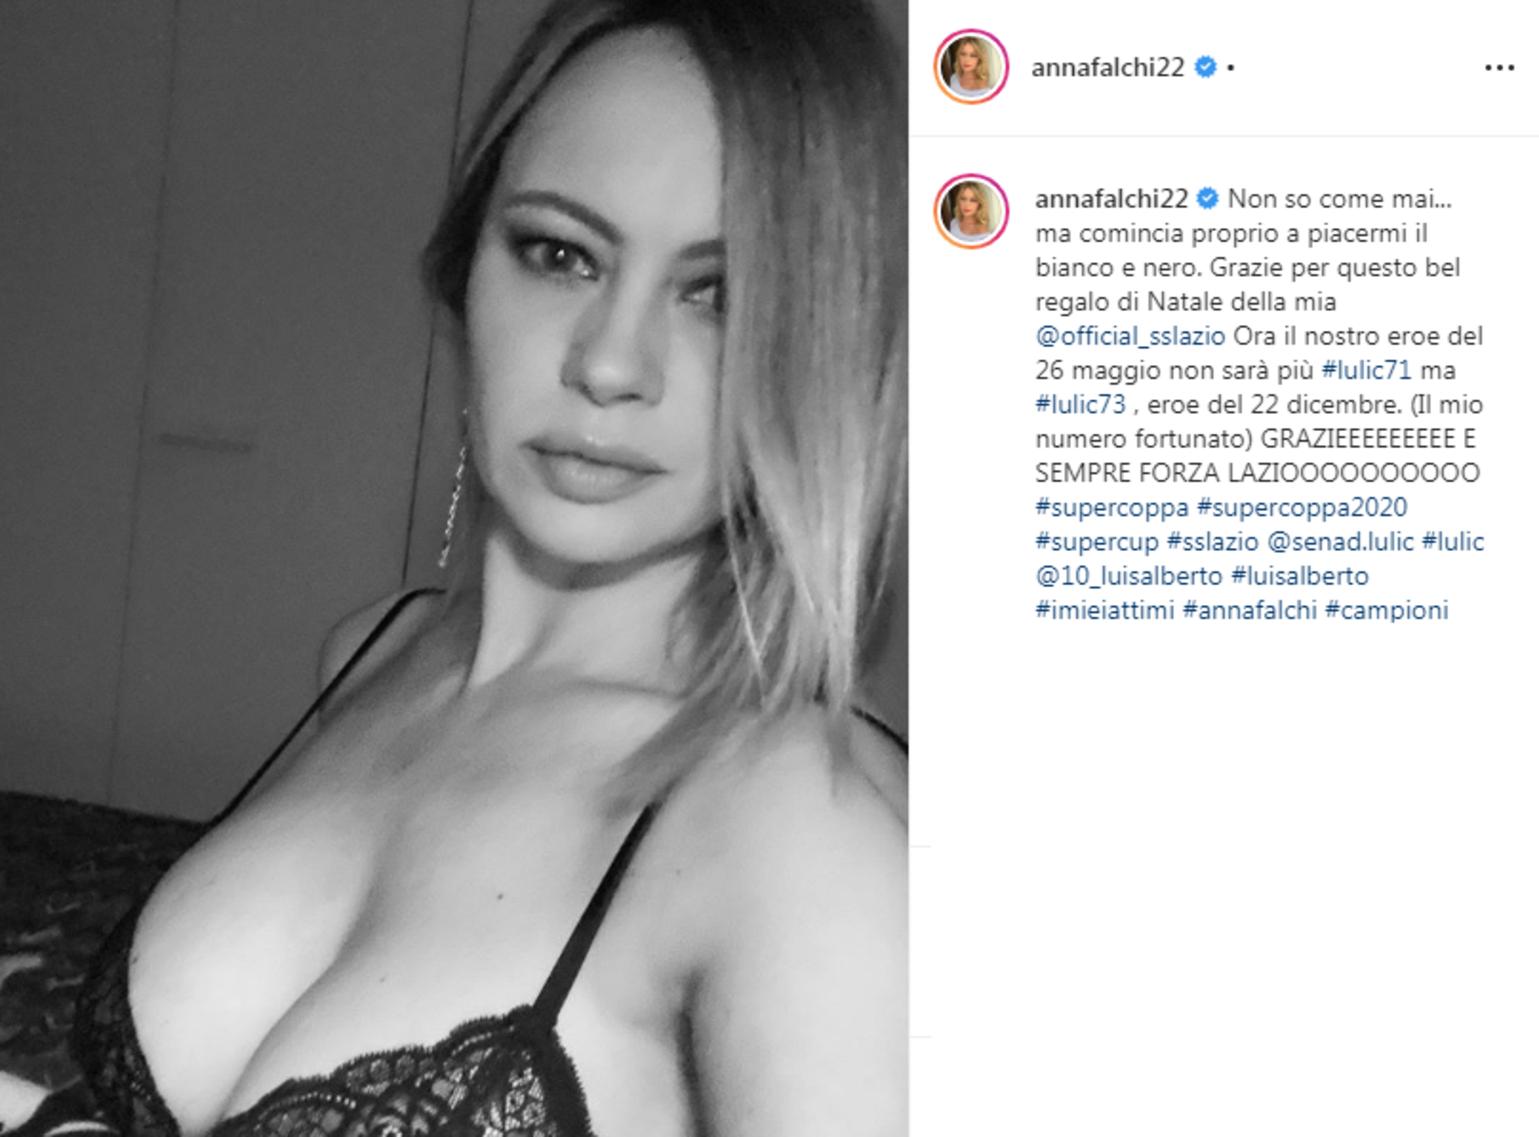 """Anna Falchi, tifosissima della Lazio, su Instagram ha festeggiato il successo contro la Juventus in Supercoppa Italiana: """"Non so come mai... ma c..."""